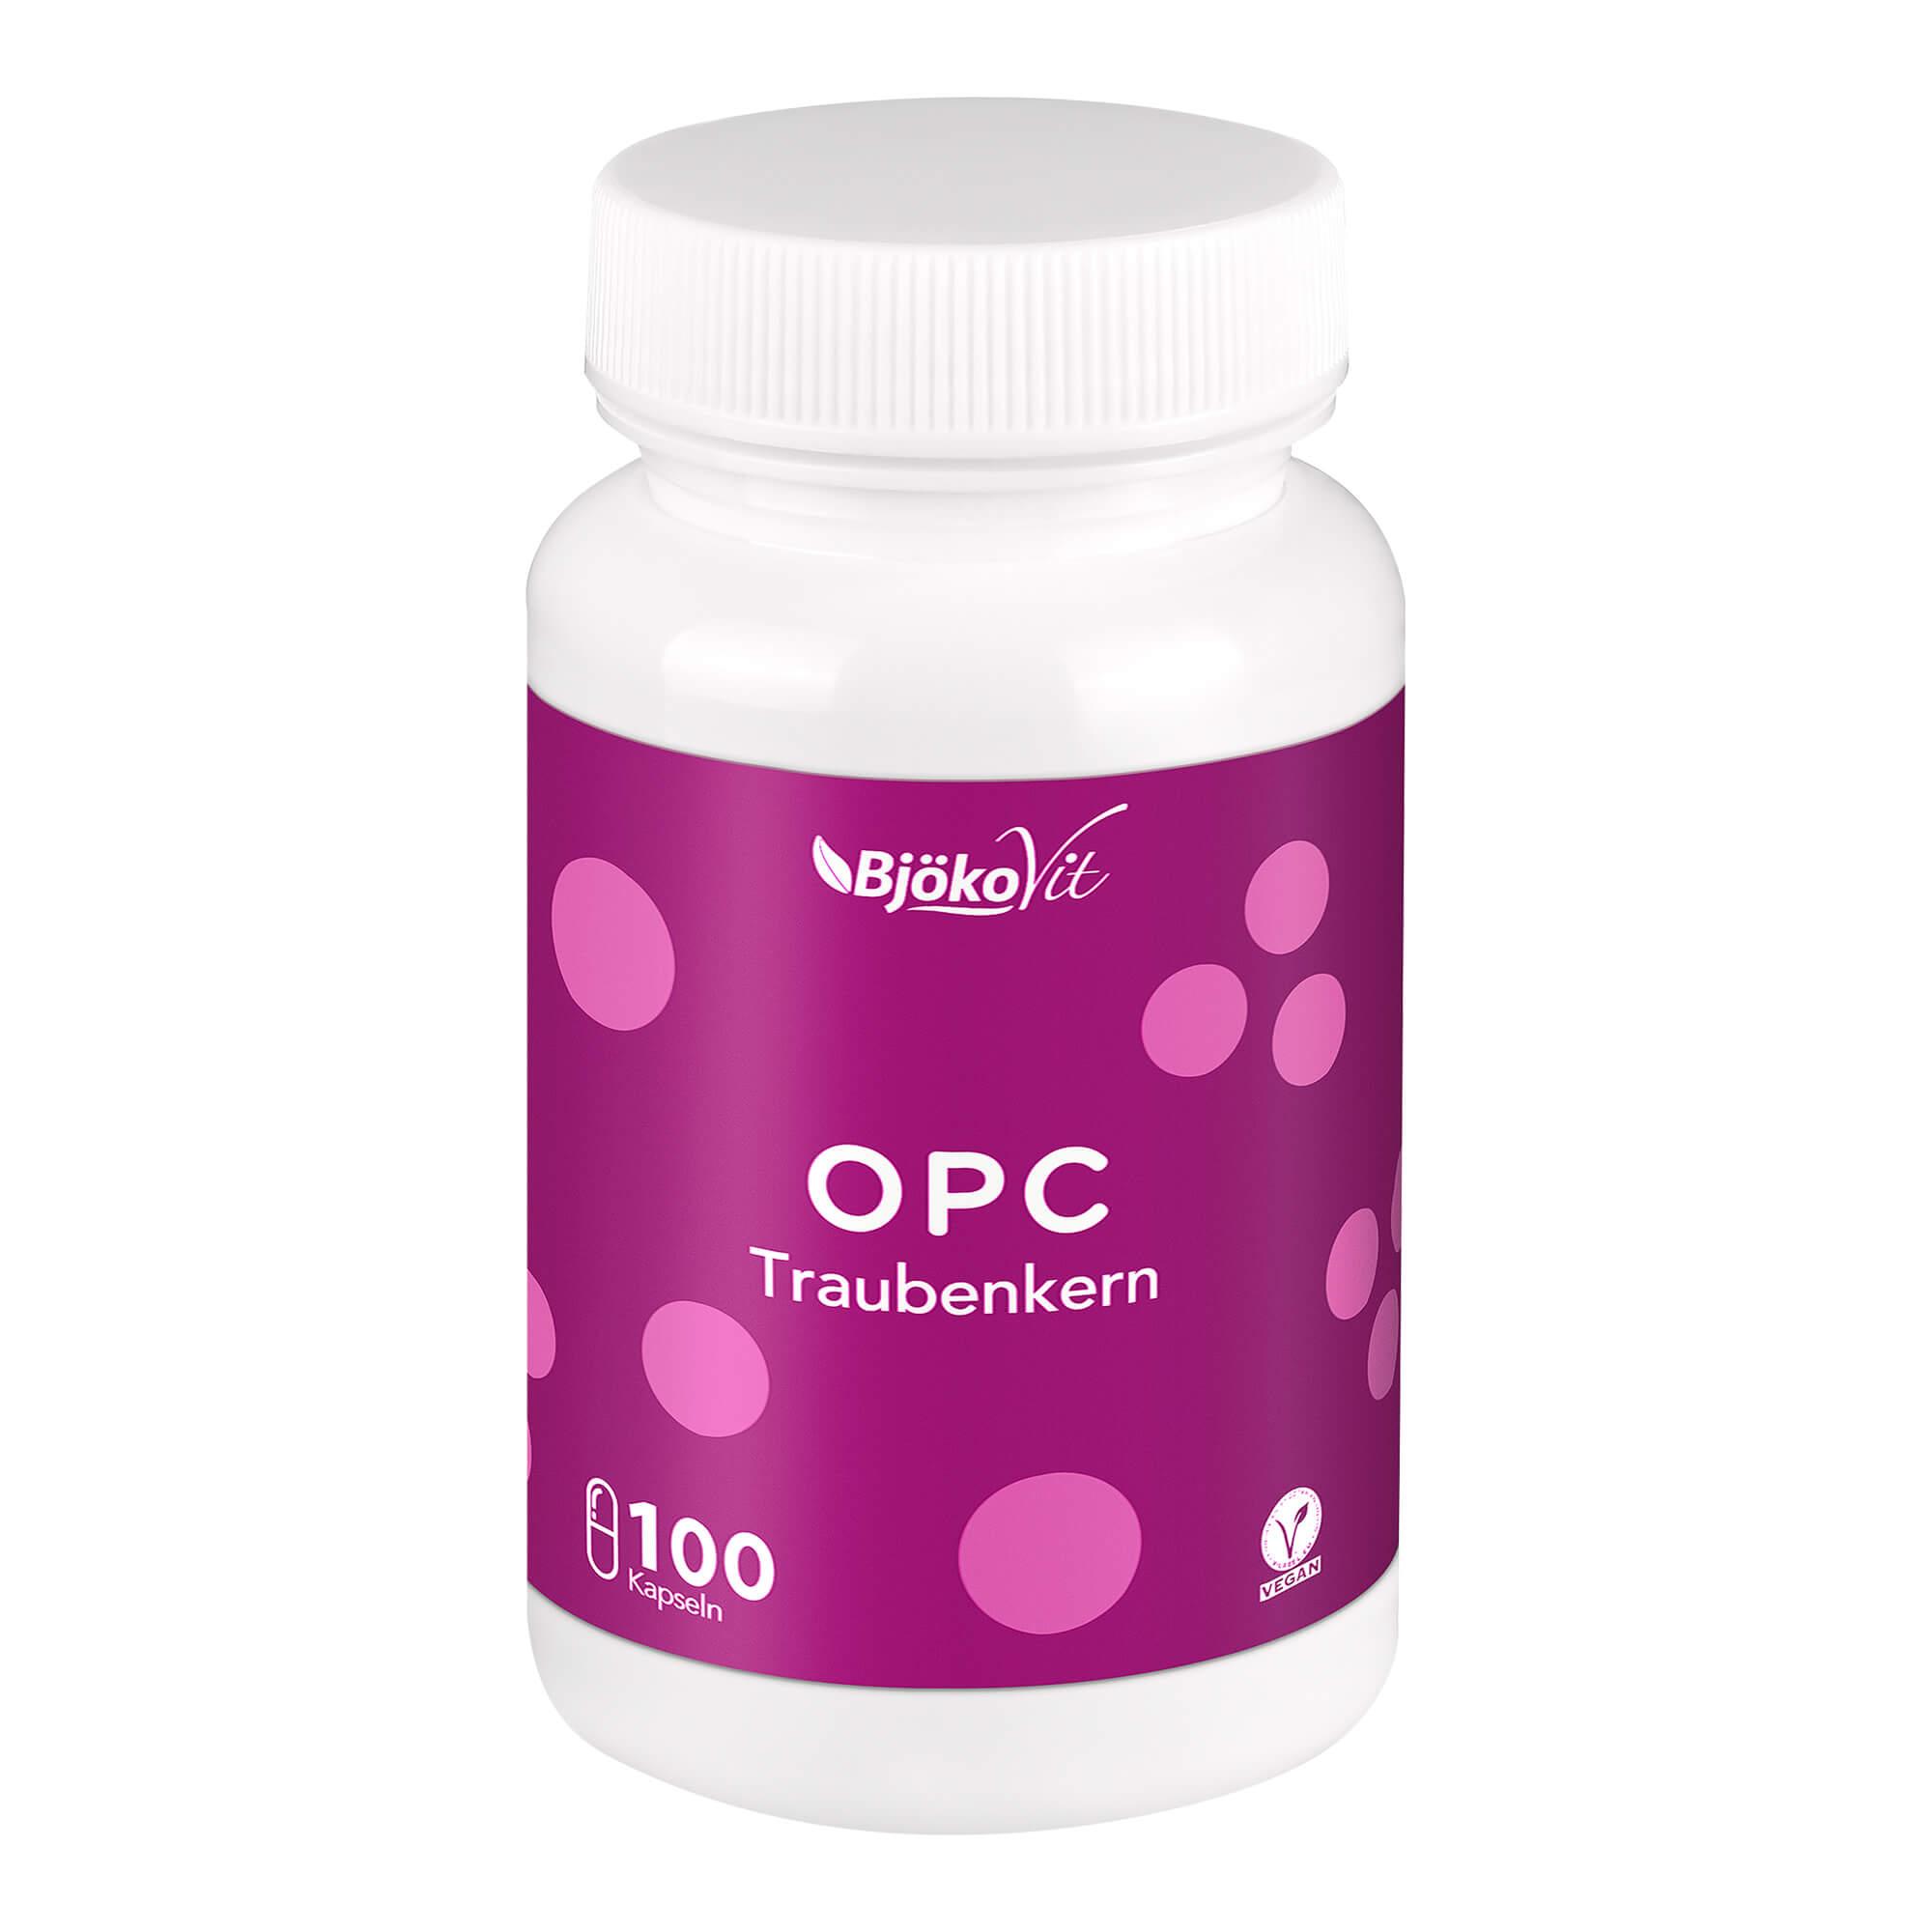 OPC Traubenkern vegan Kapseln